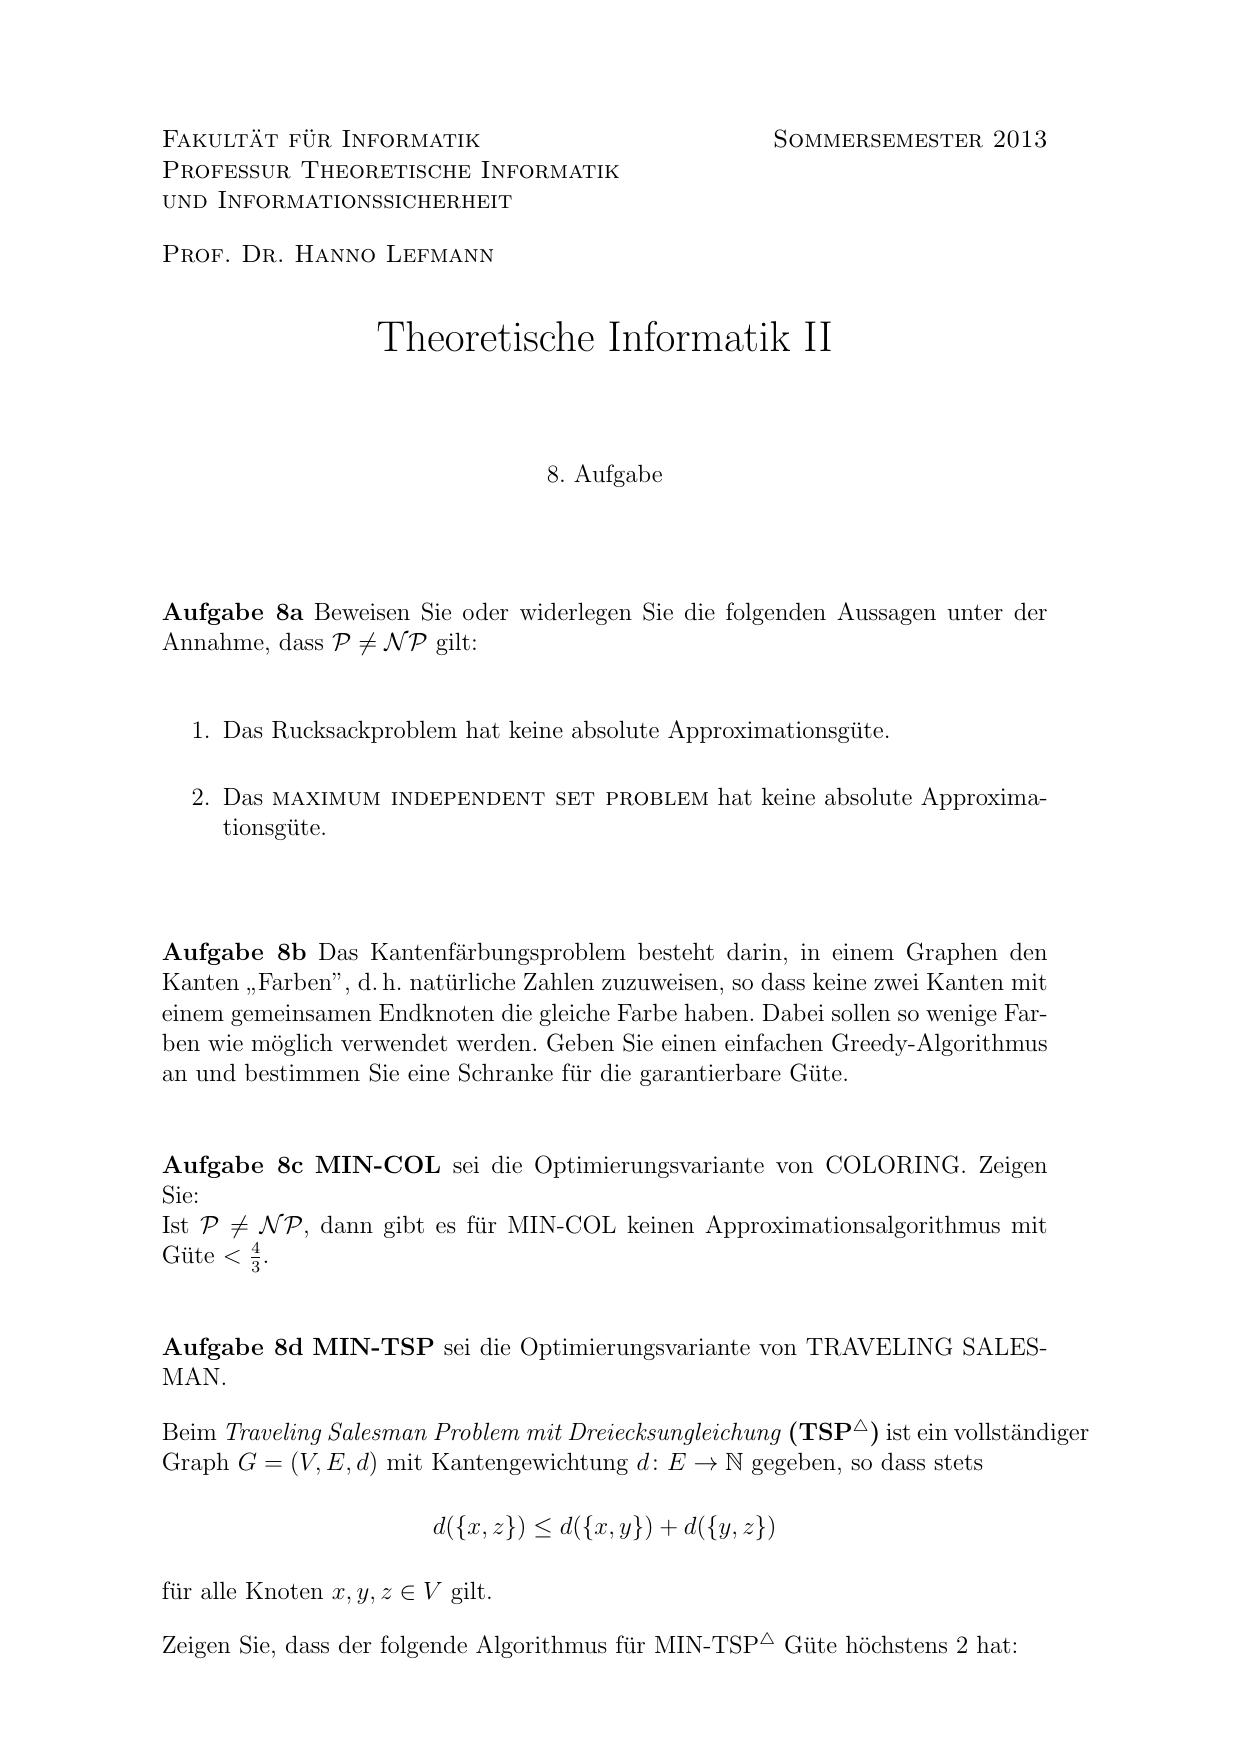 Theoretische Informatik II